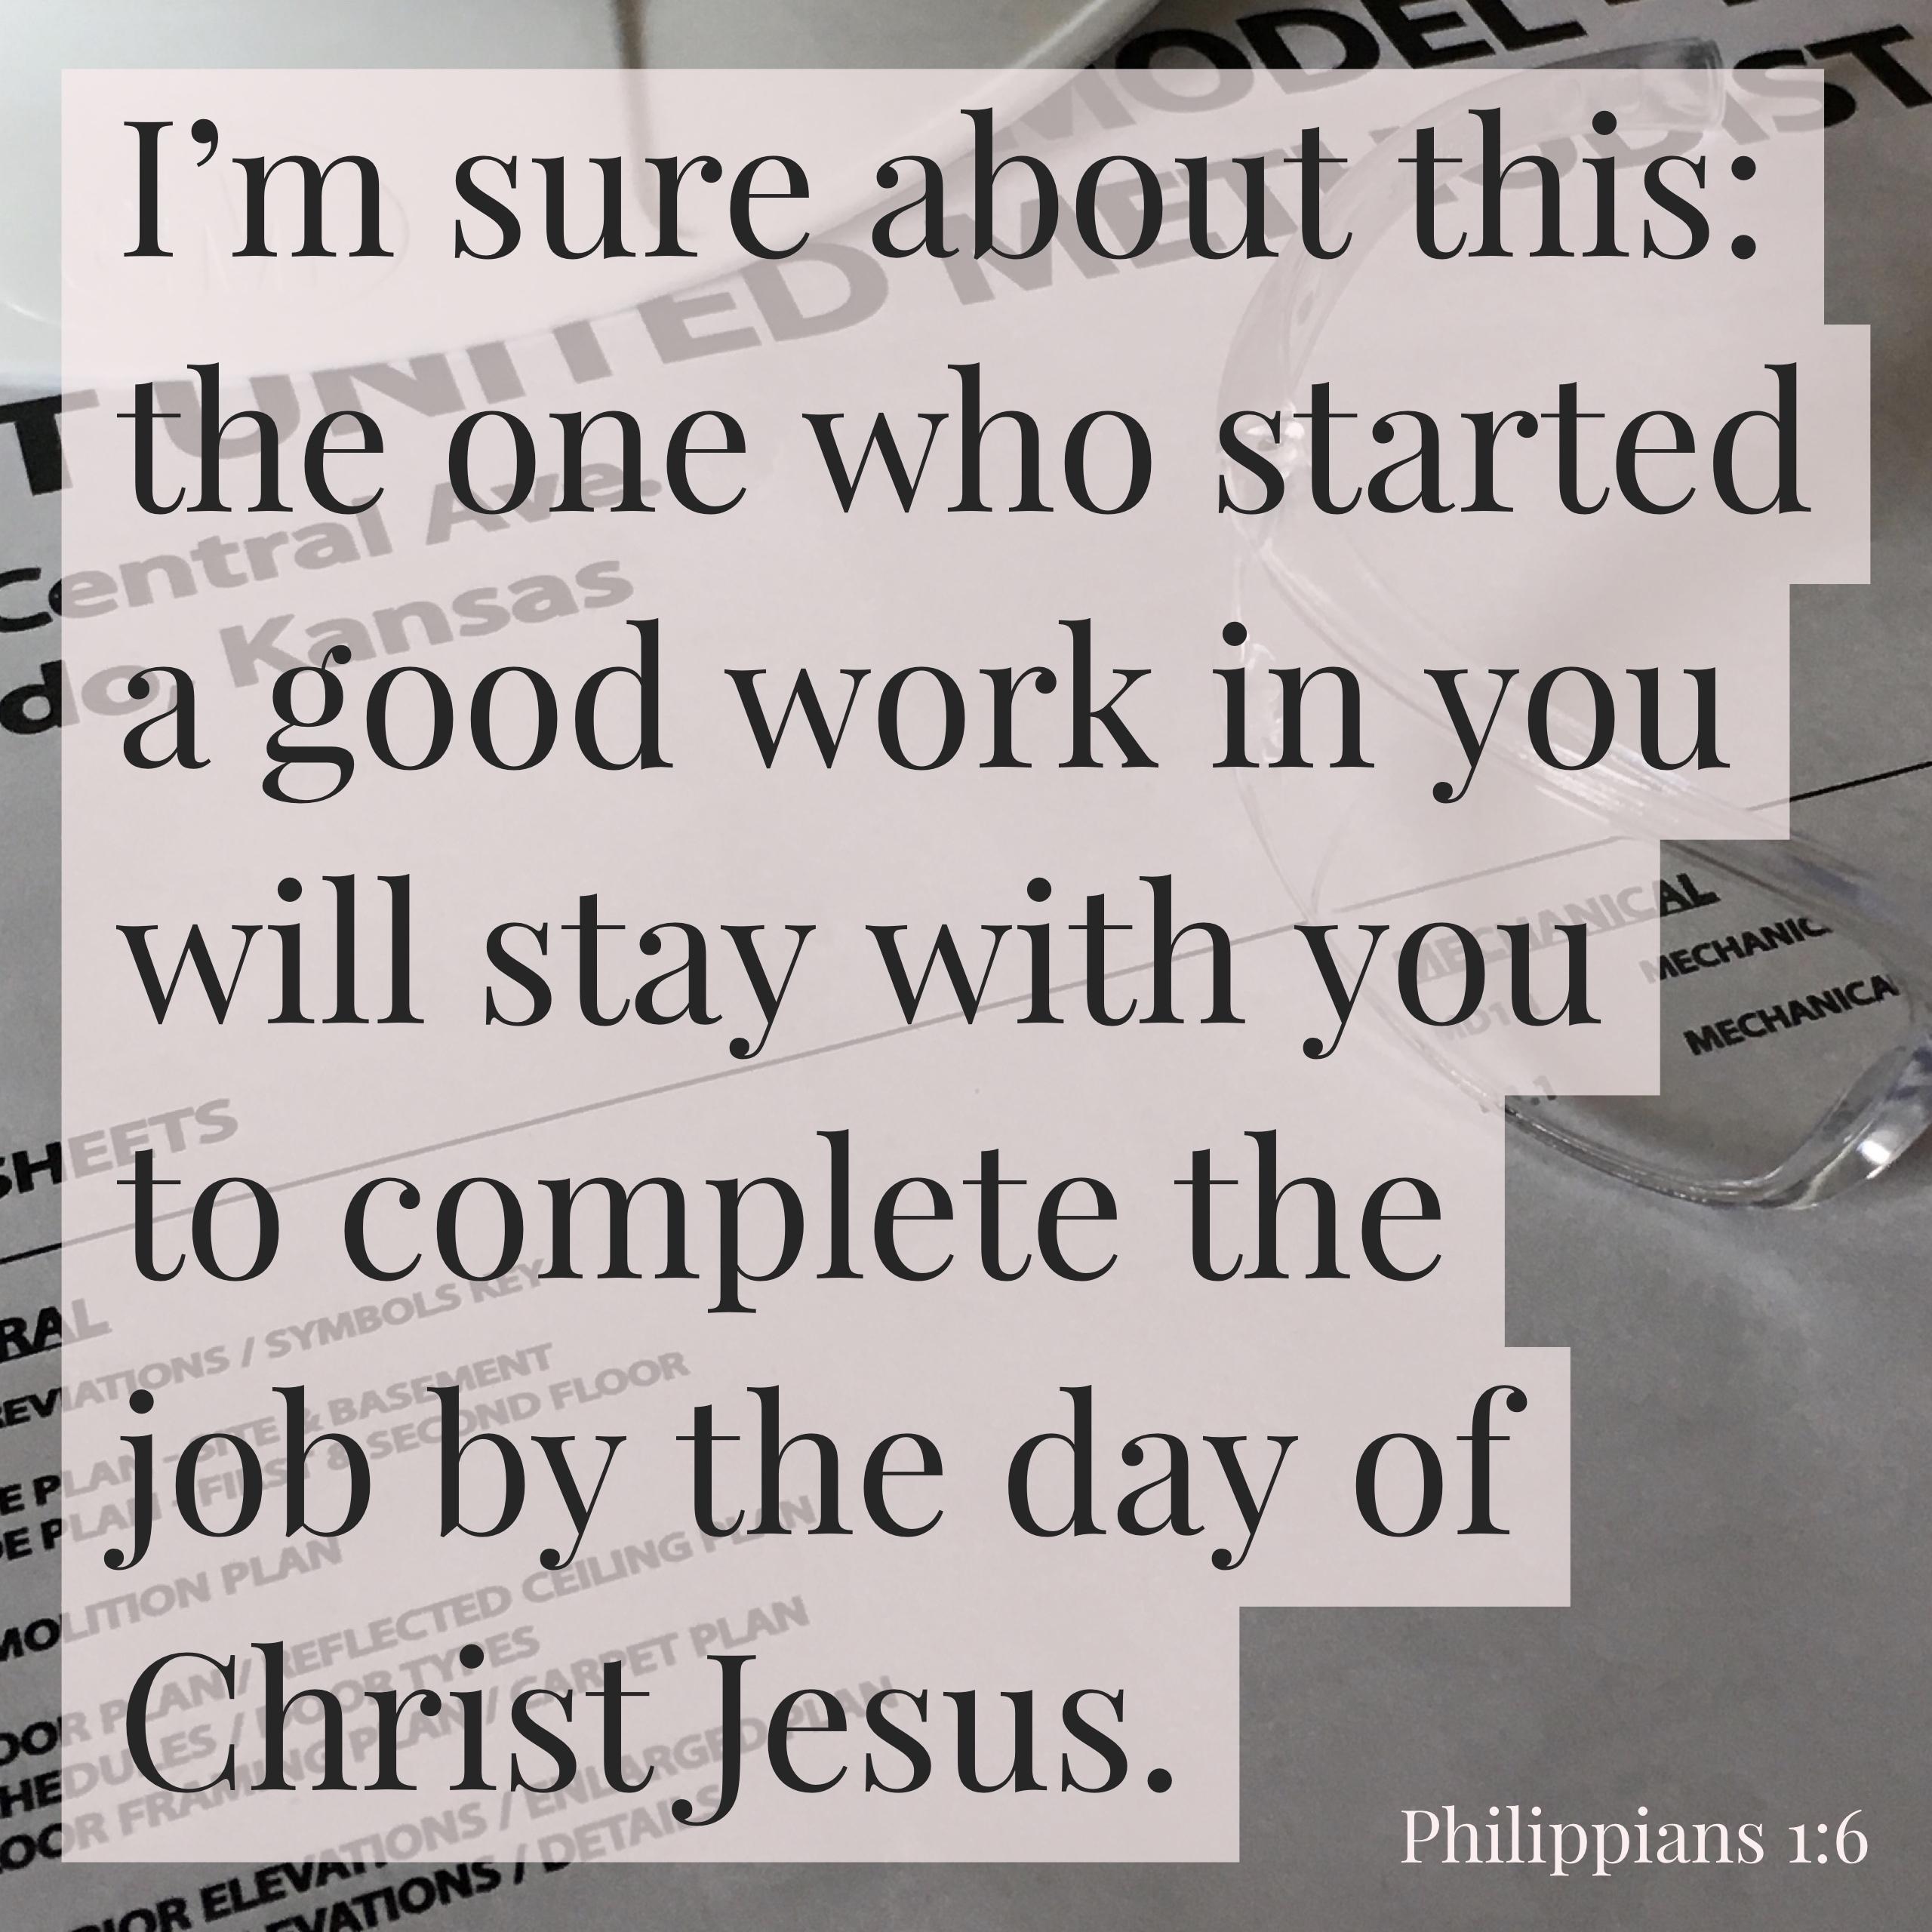 philippians 1 6 verse images